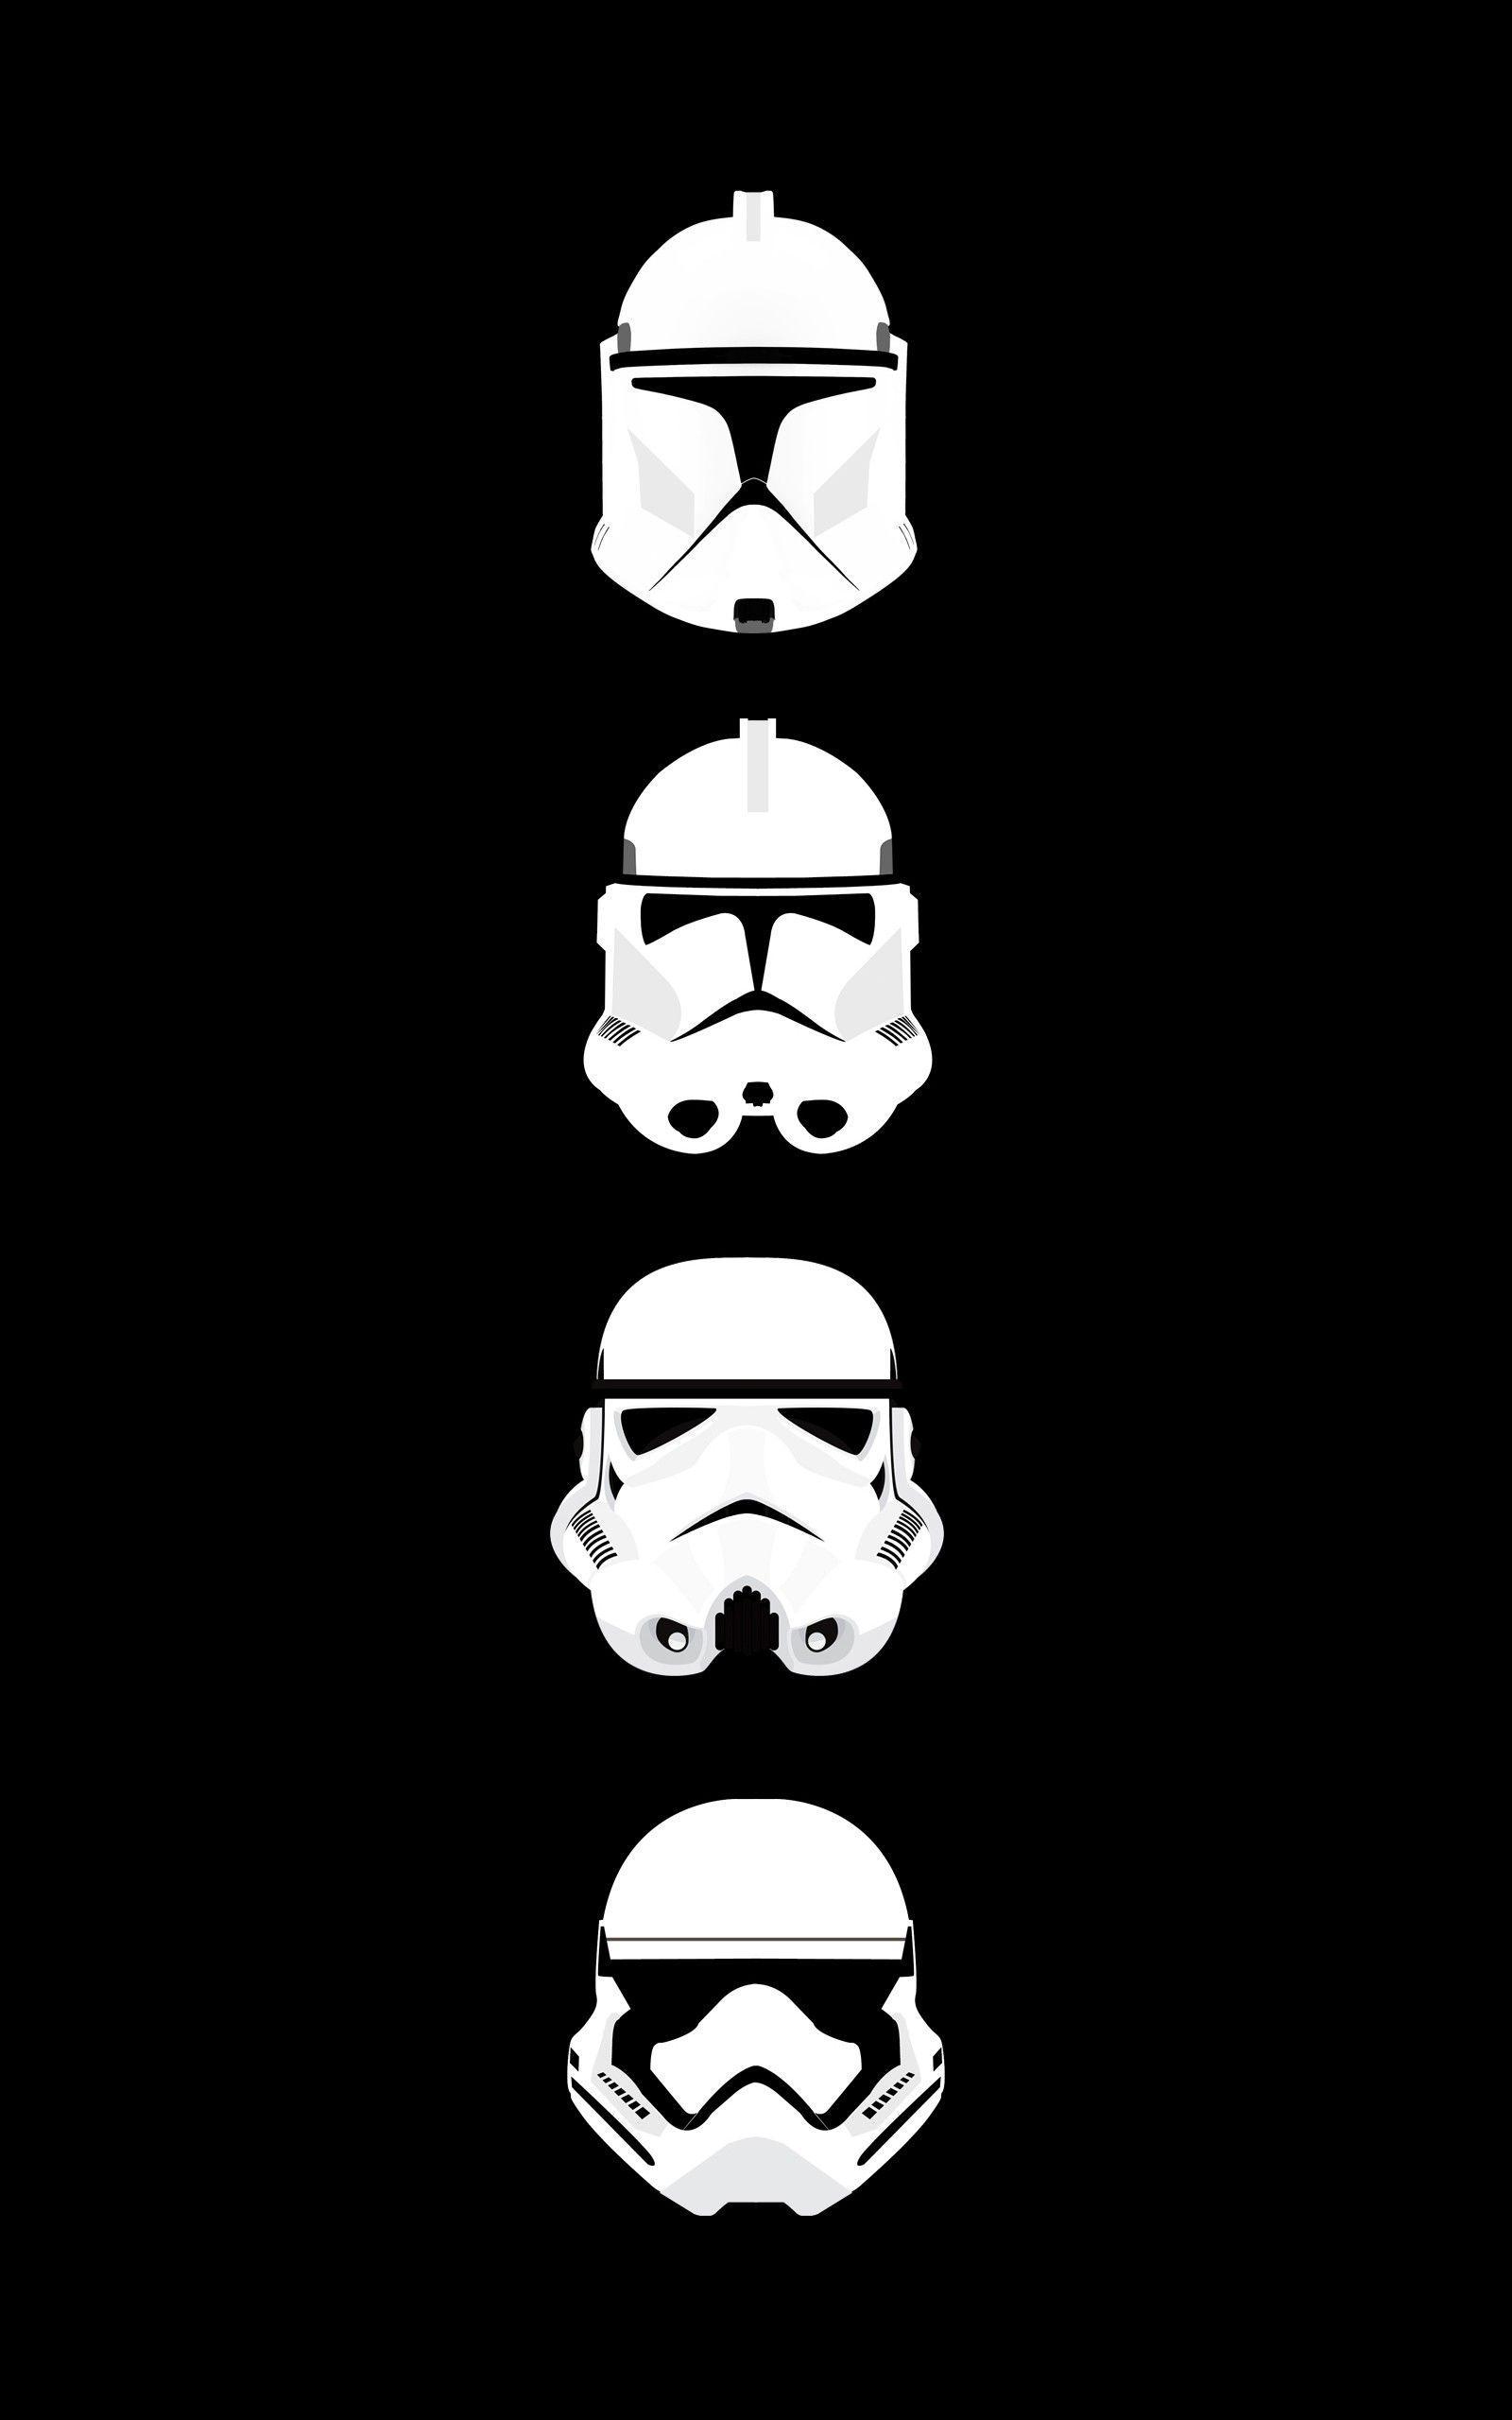 Stormtrooper iPhone Wallpapers - Top